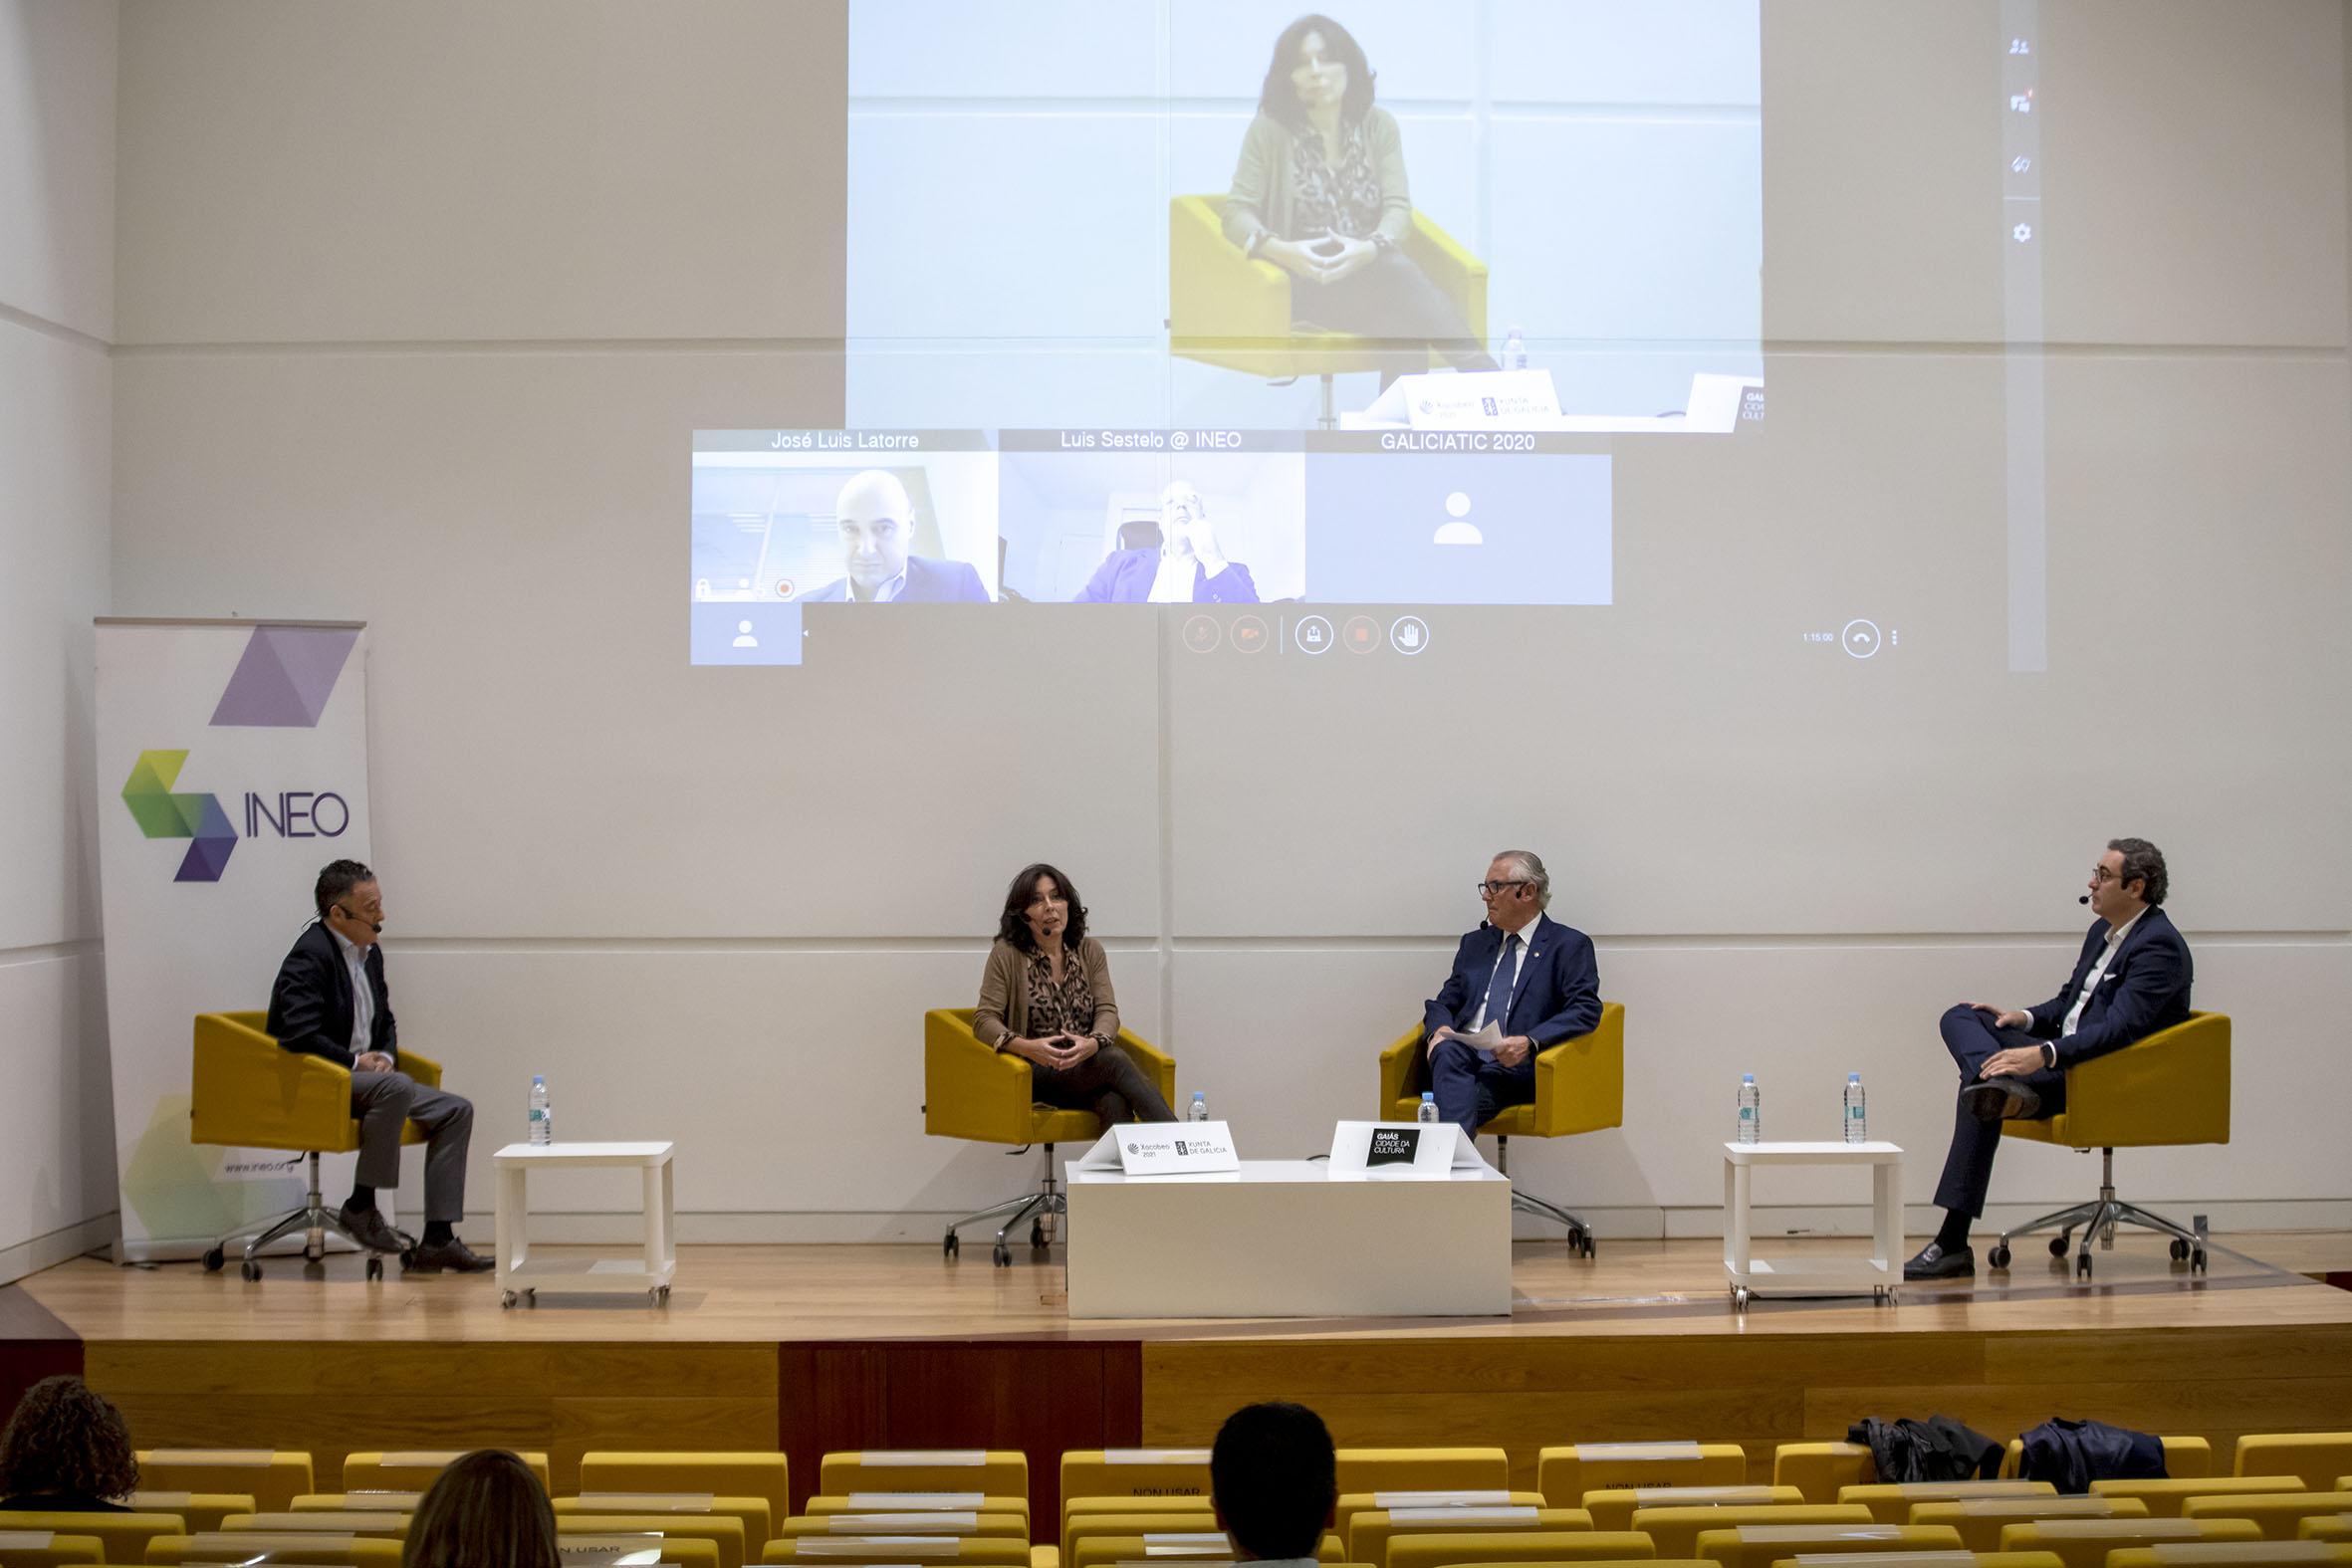 Presentación Galicia TIC